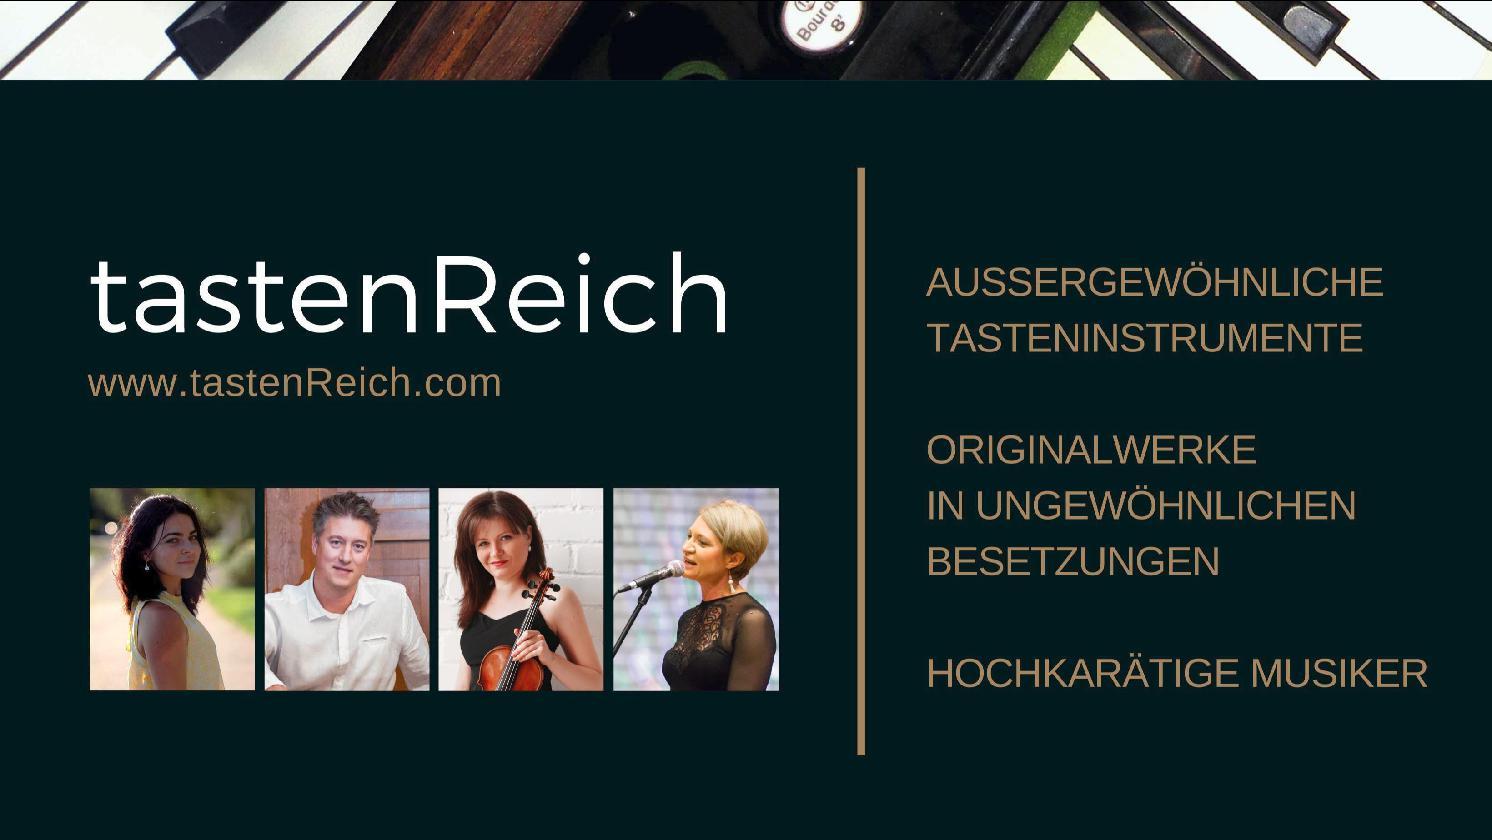 Jubiläumskonzert tastenReich bei Schiedmayer Celesta